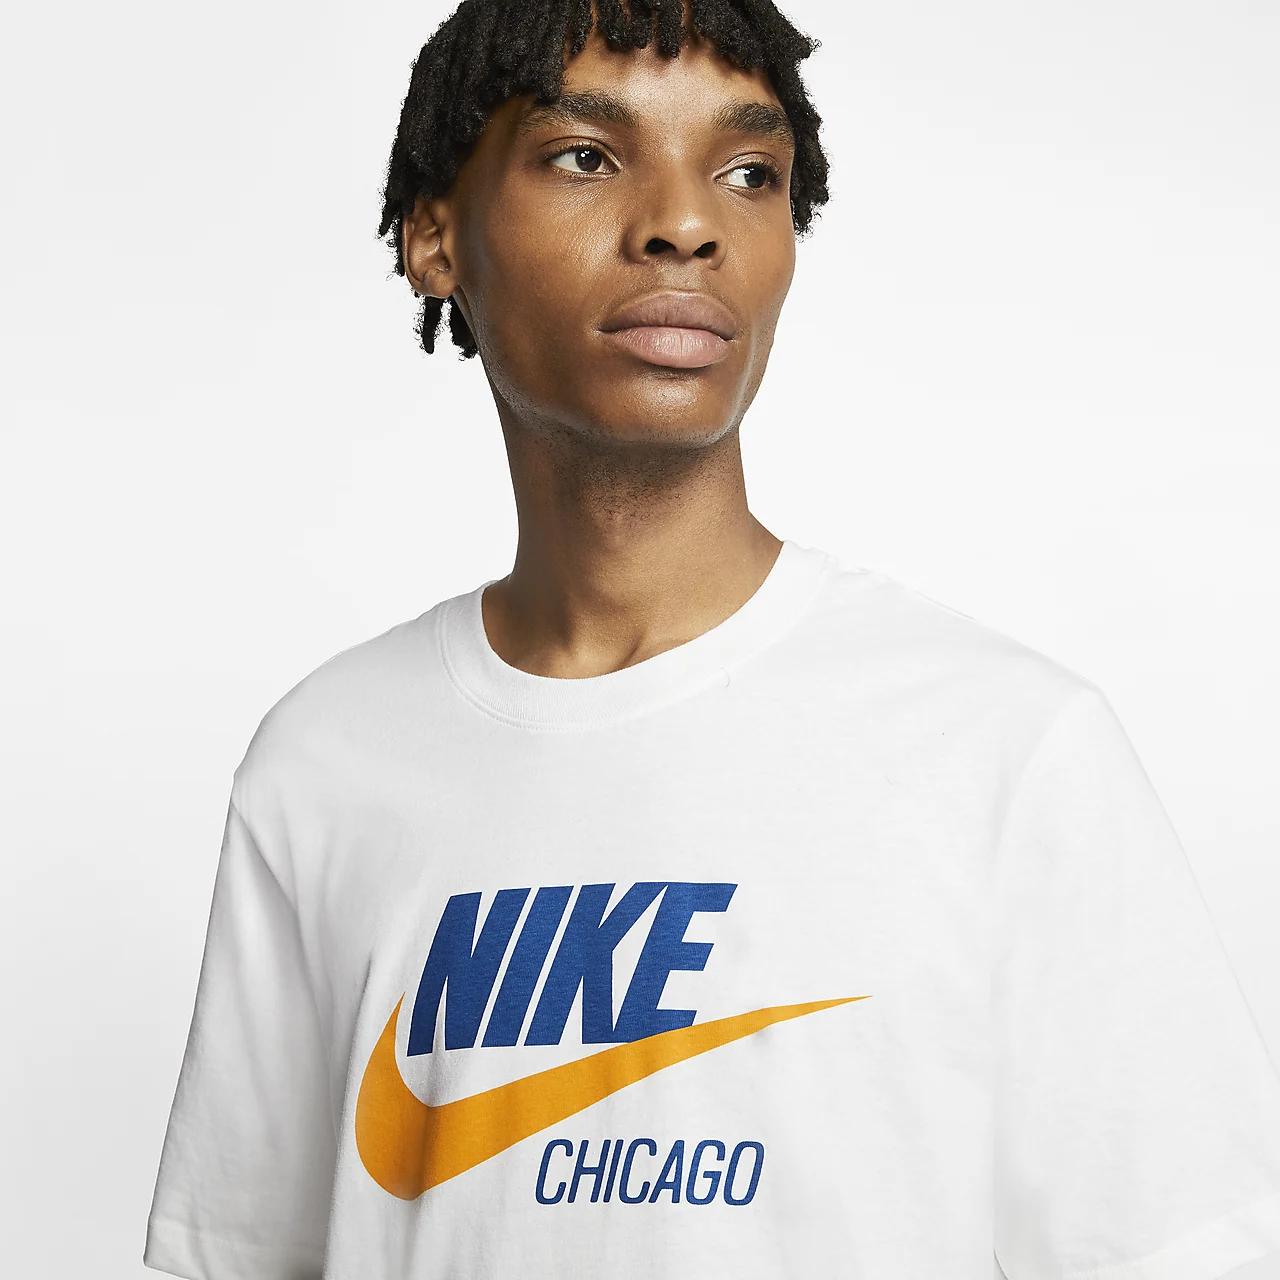 나이키 스포츠웨어 시카고 남성 티셔츠 CW0849-100